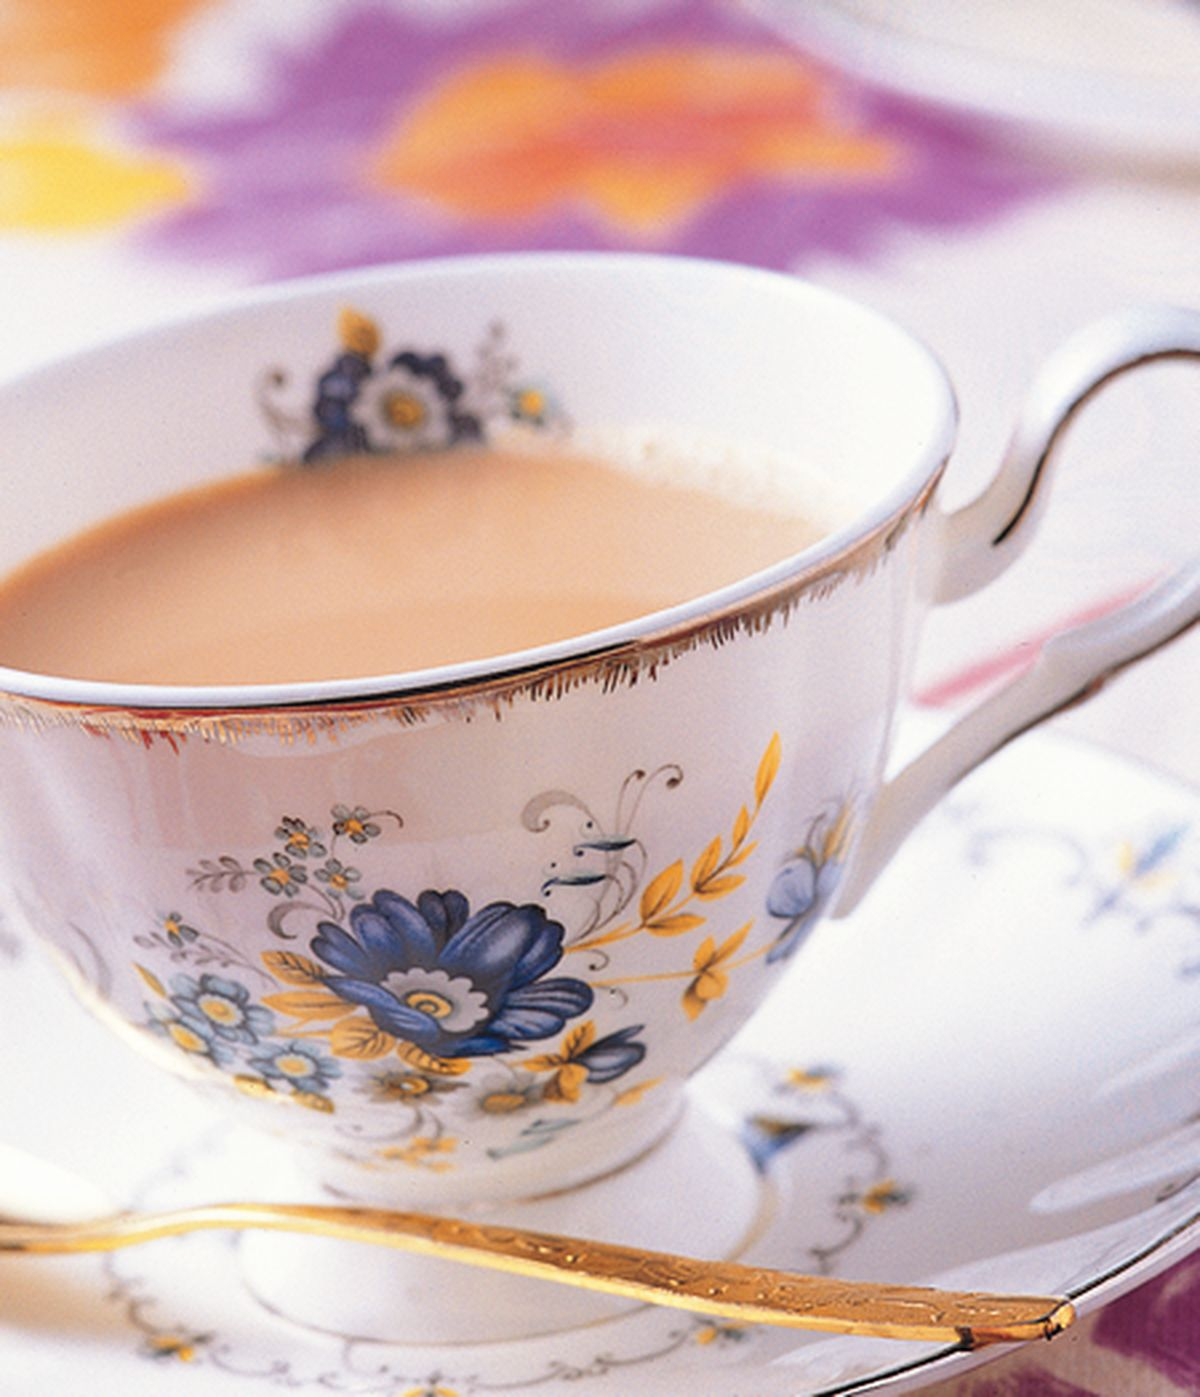 食譜:熱焦糖奶茶